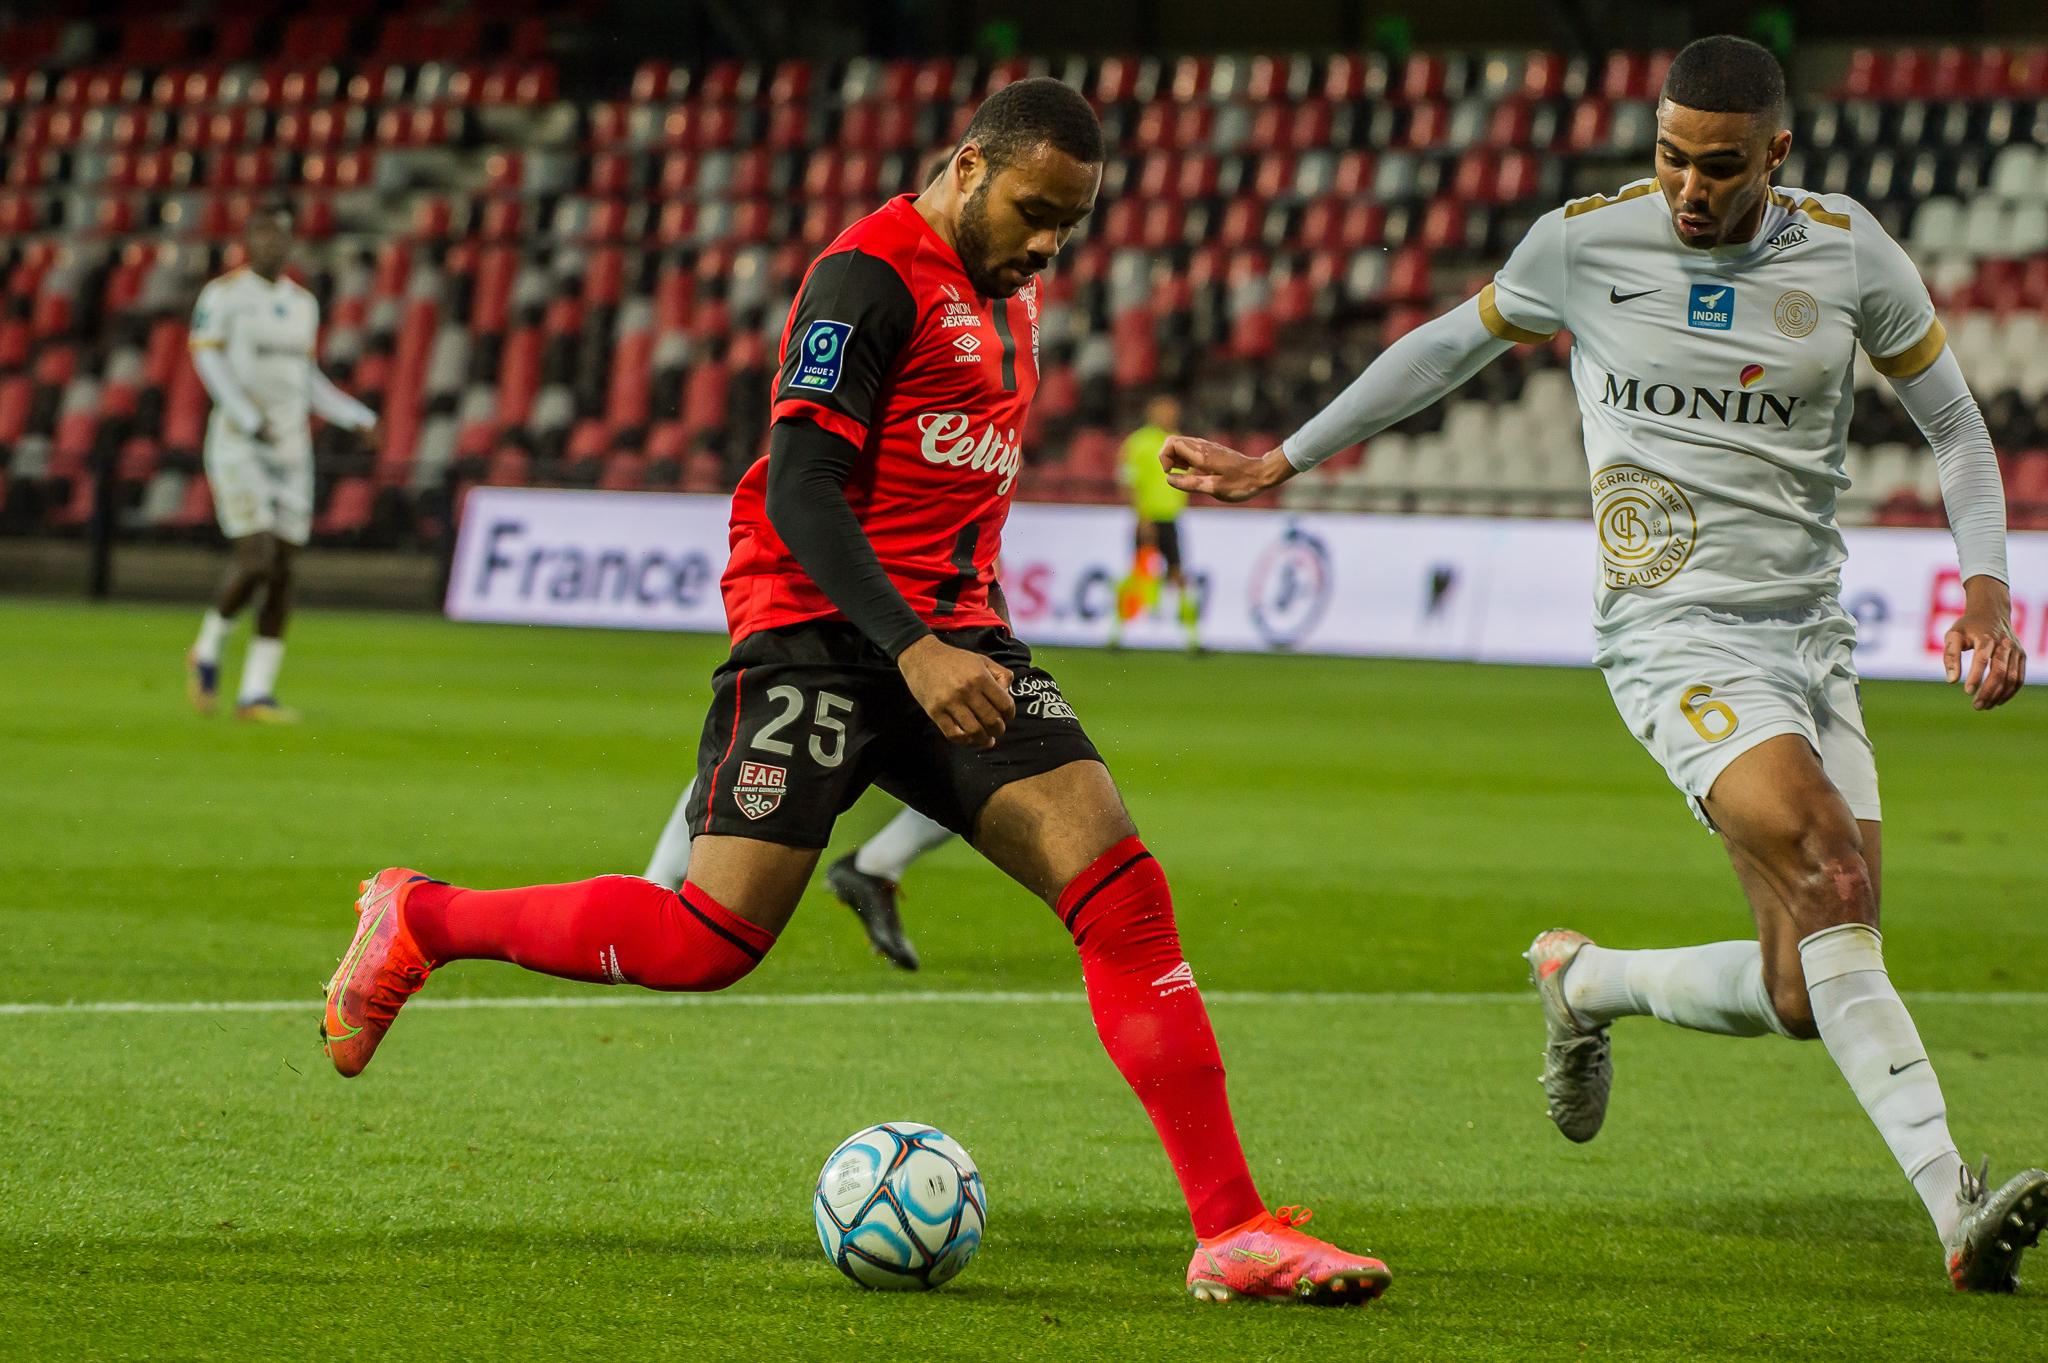 EA Guingamp La Berrichonne Châteauroux J37 Ligue 2 BKT EAGLBC 2-0 Stade de Roudourou FRA_5877